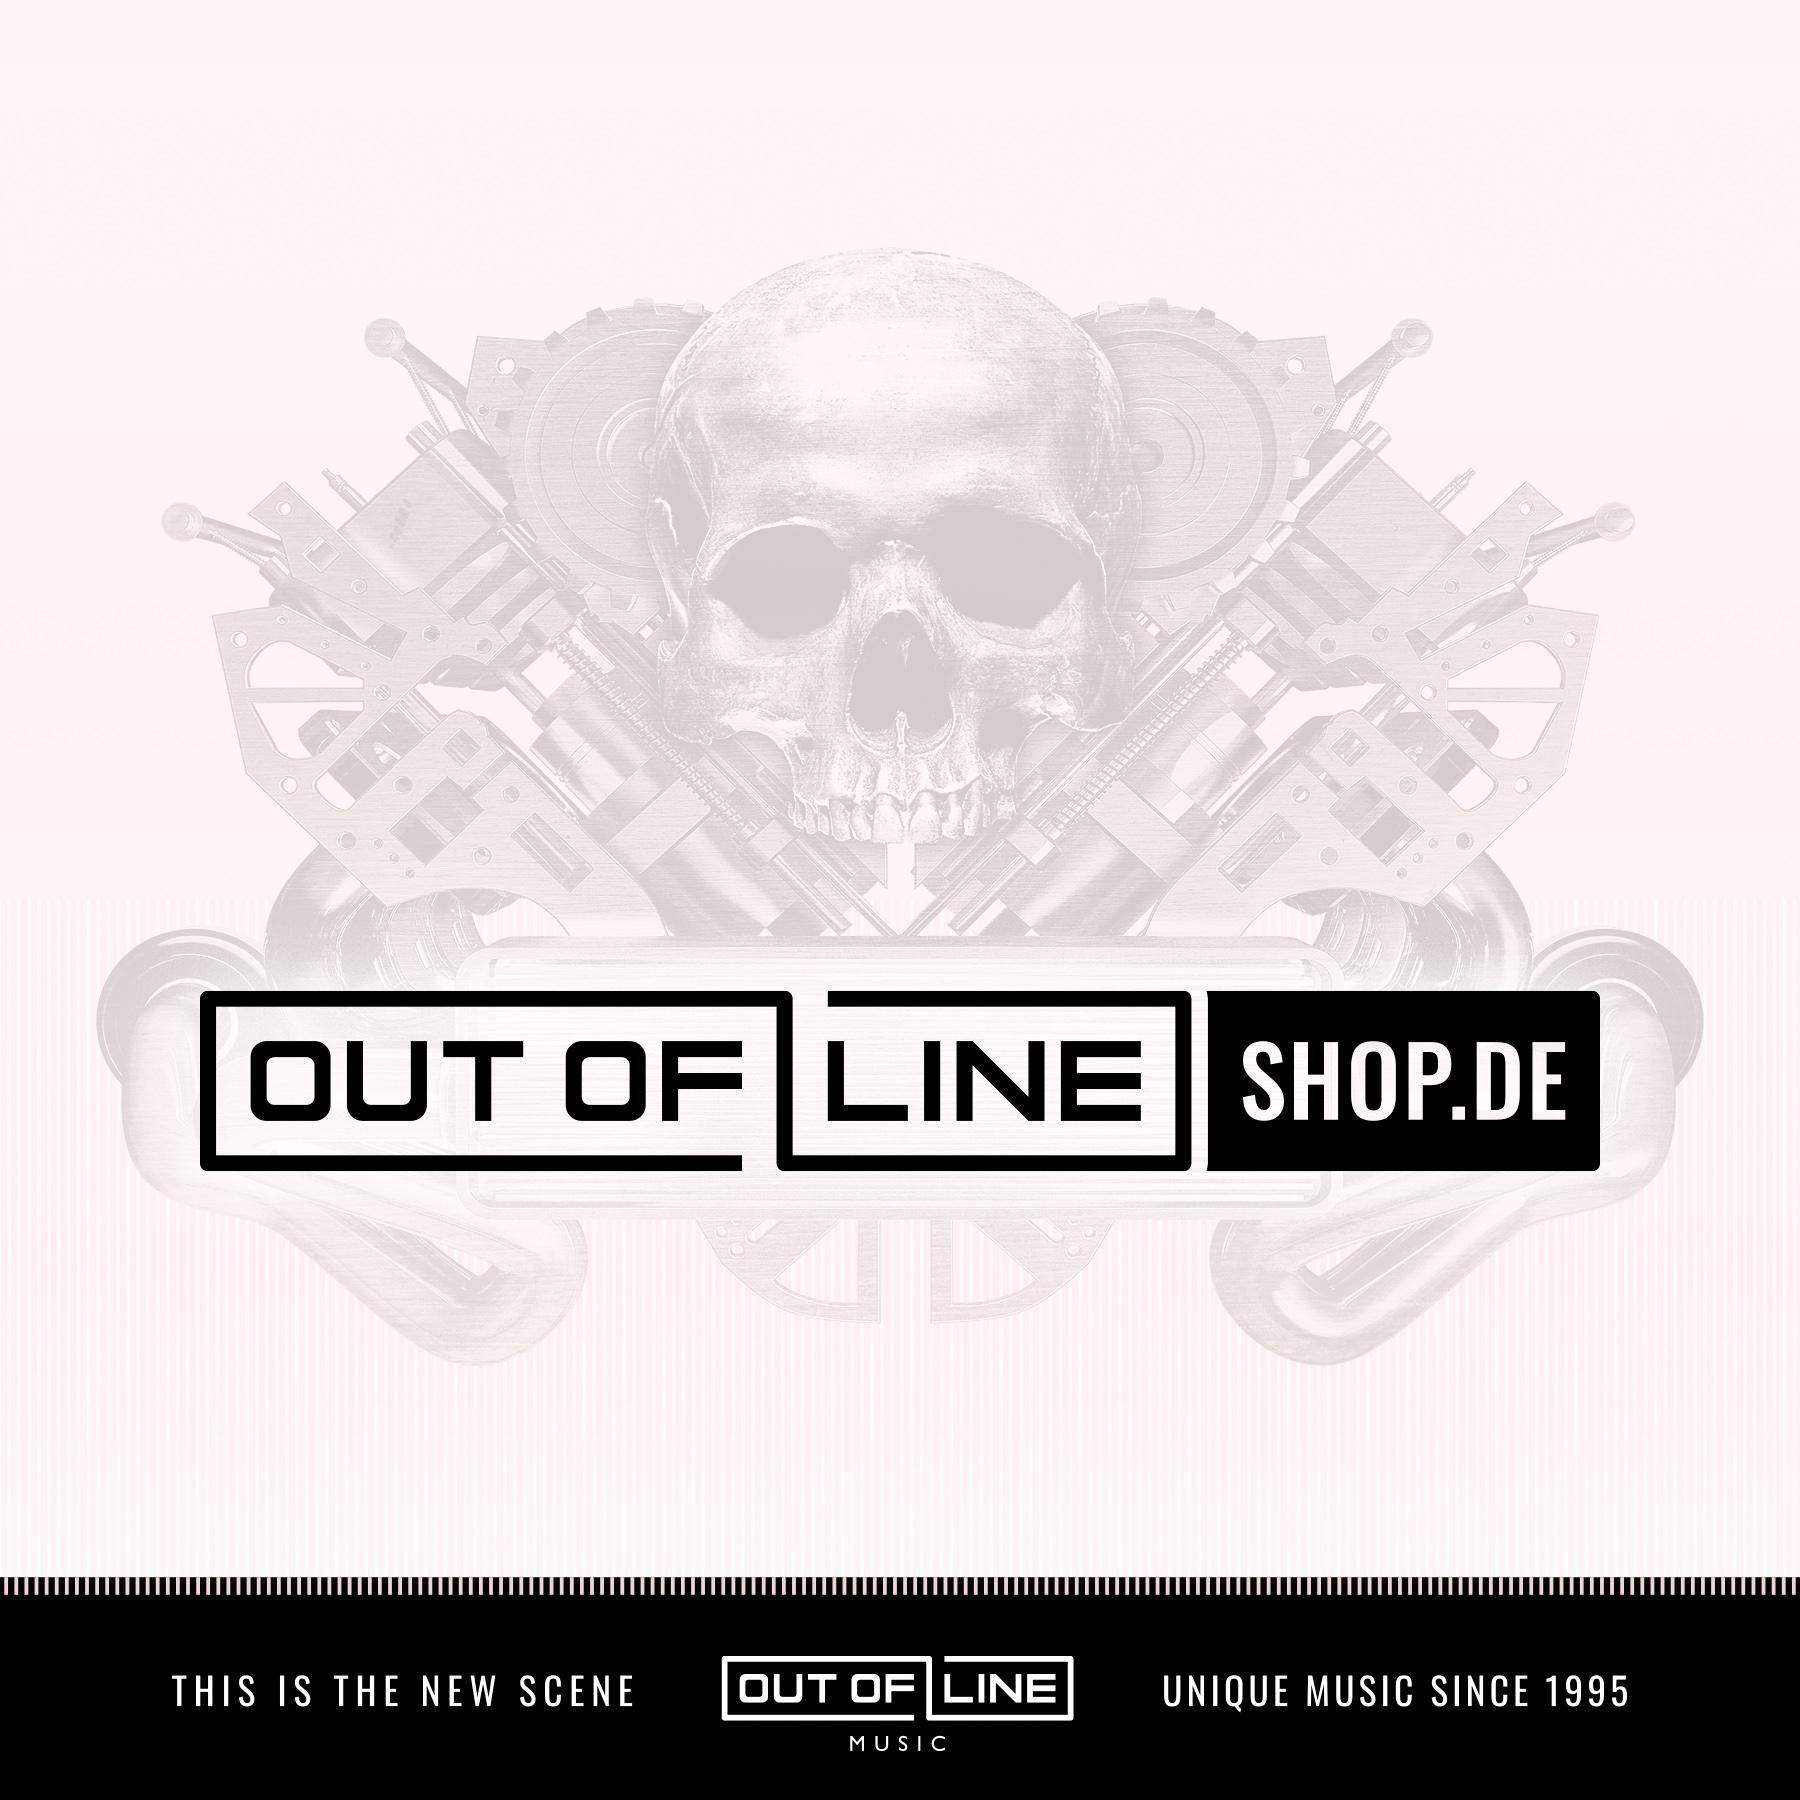 Groovenom - Wir Müssen Reden - Kapuzenpullover/Hooded Sweater